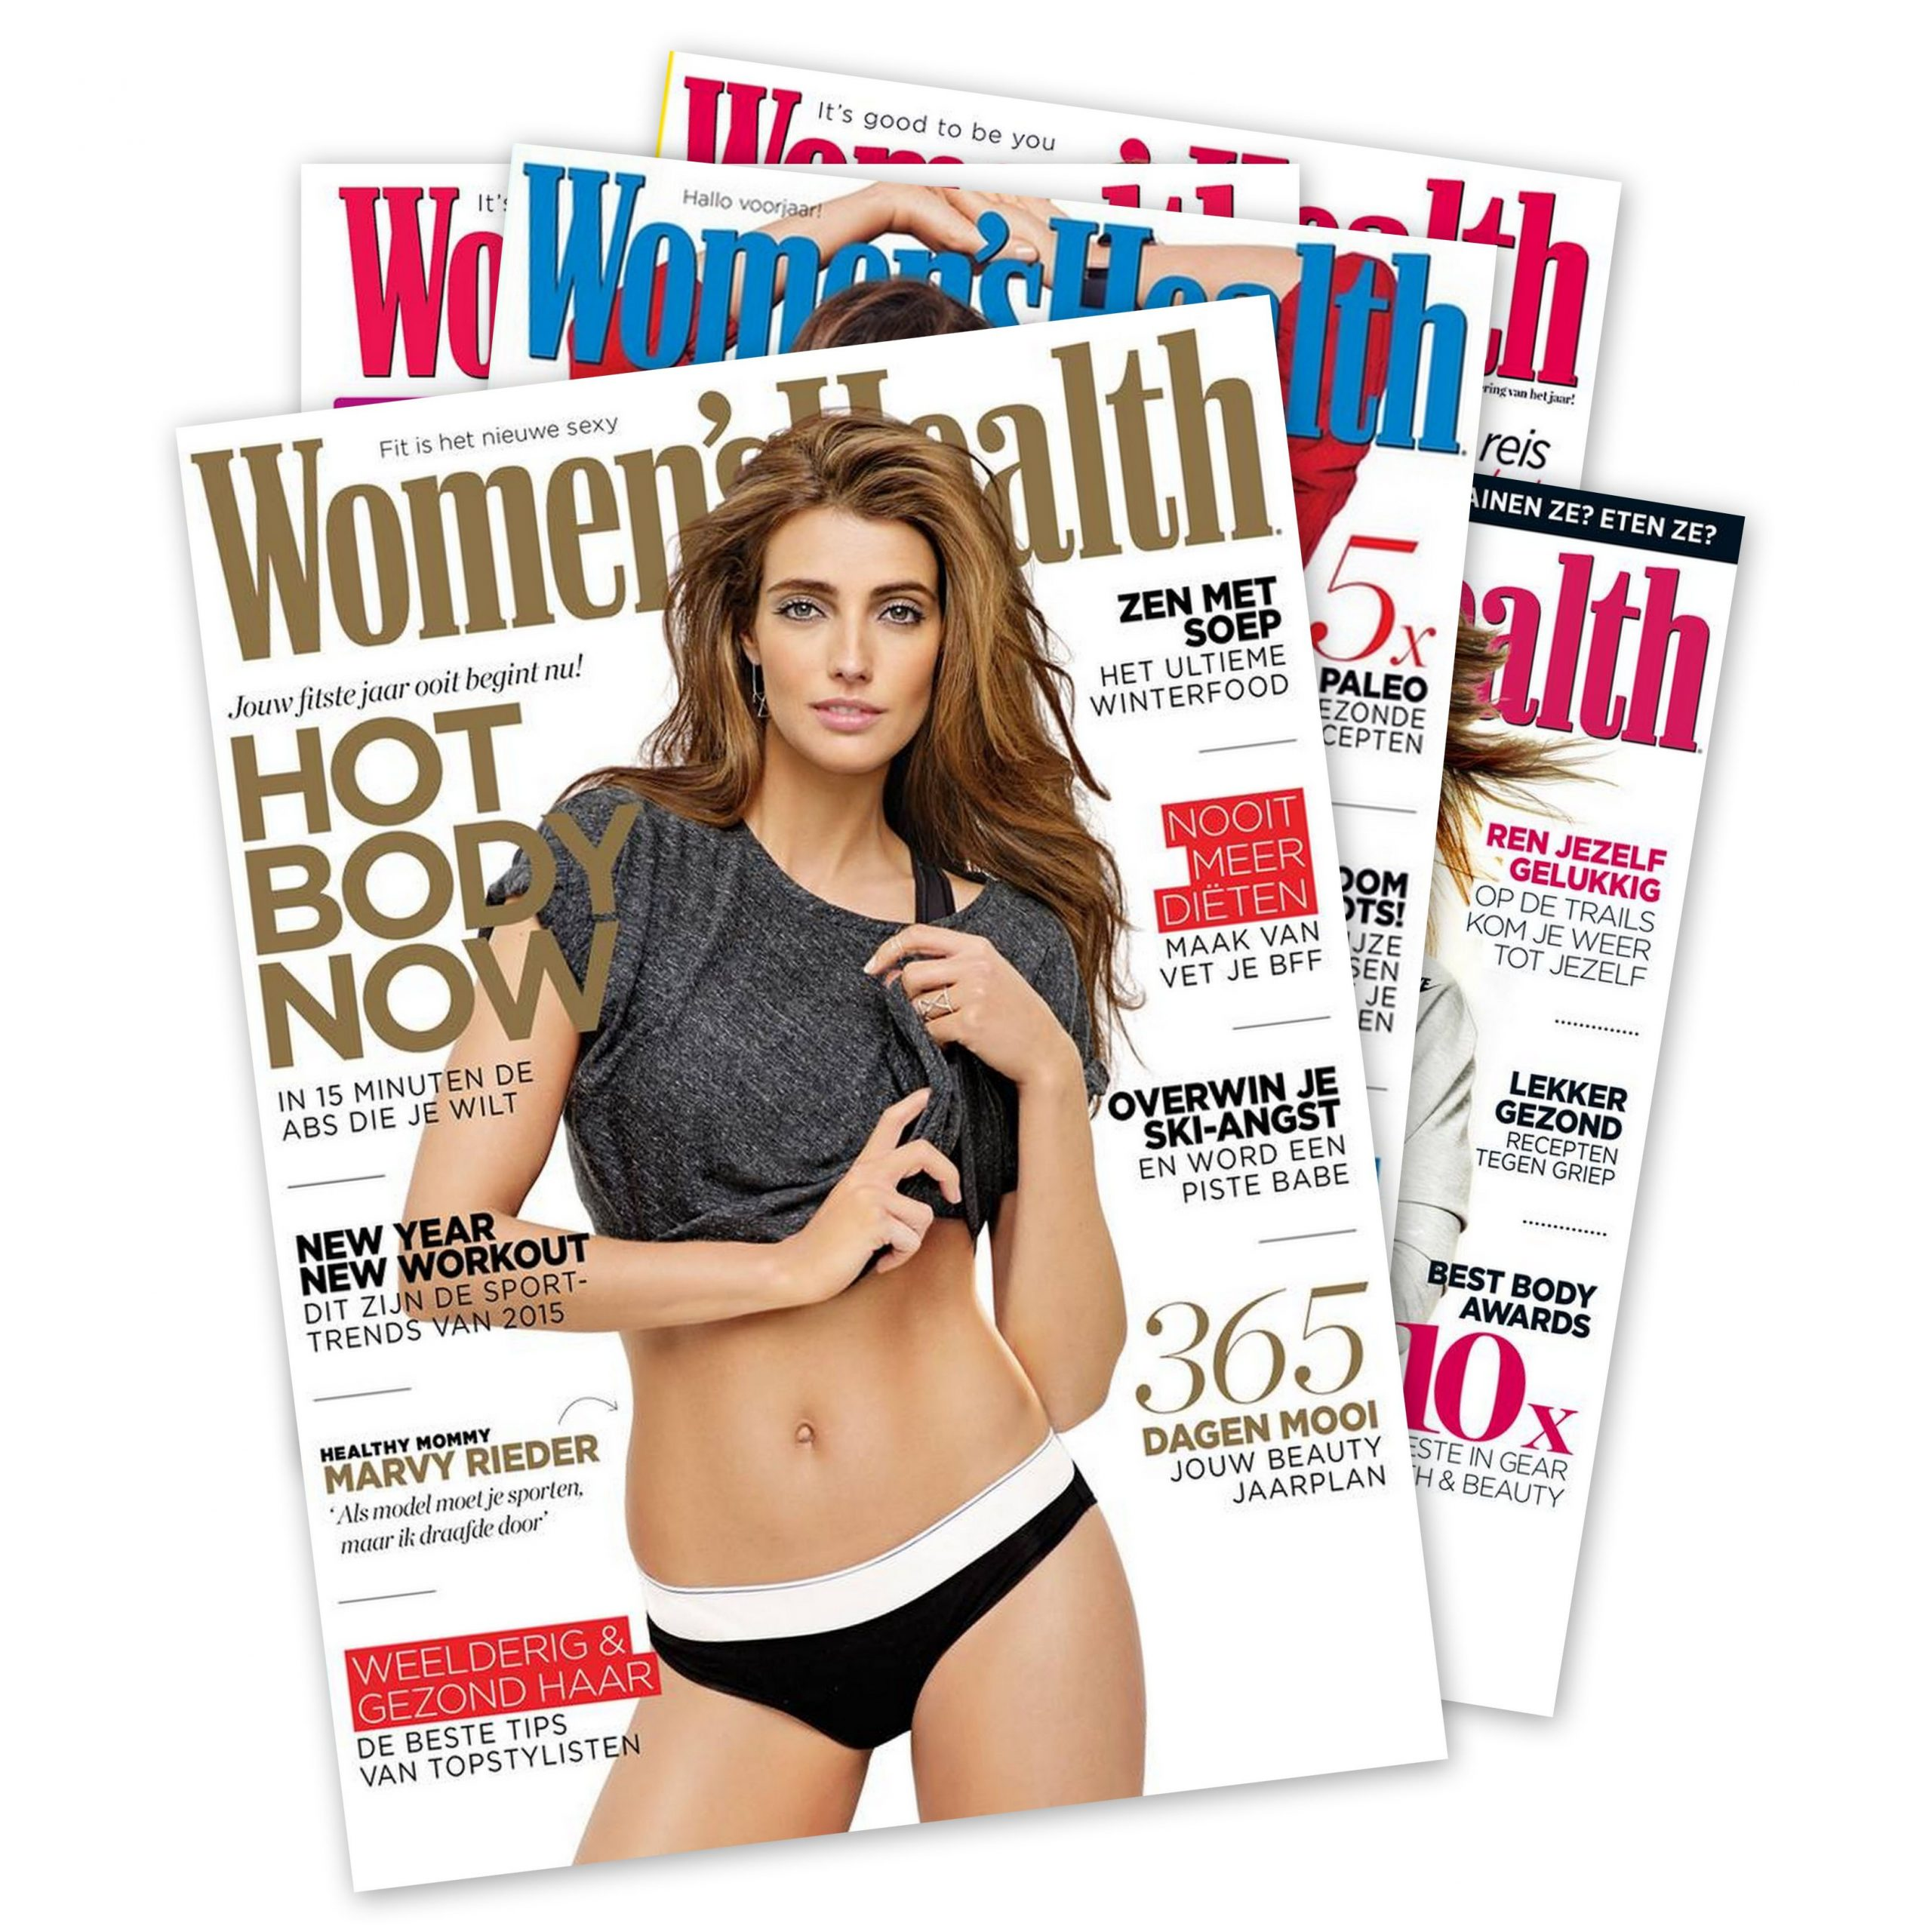 publicaties Women's Health tekstschrijver gezondheid-